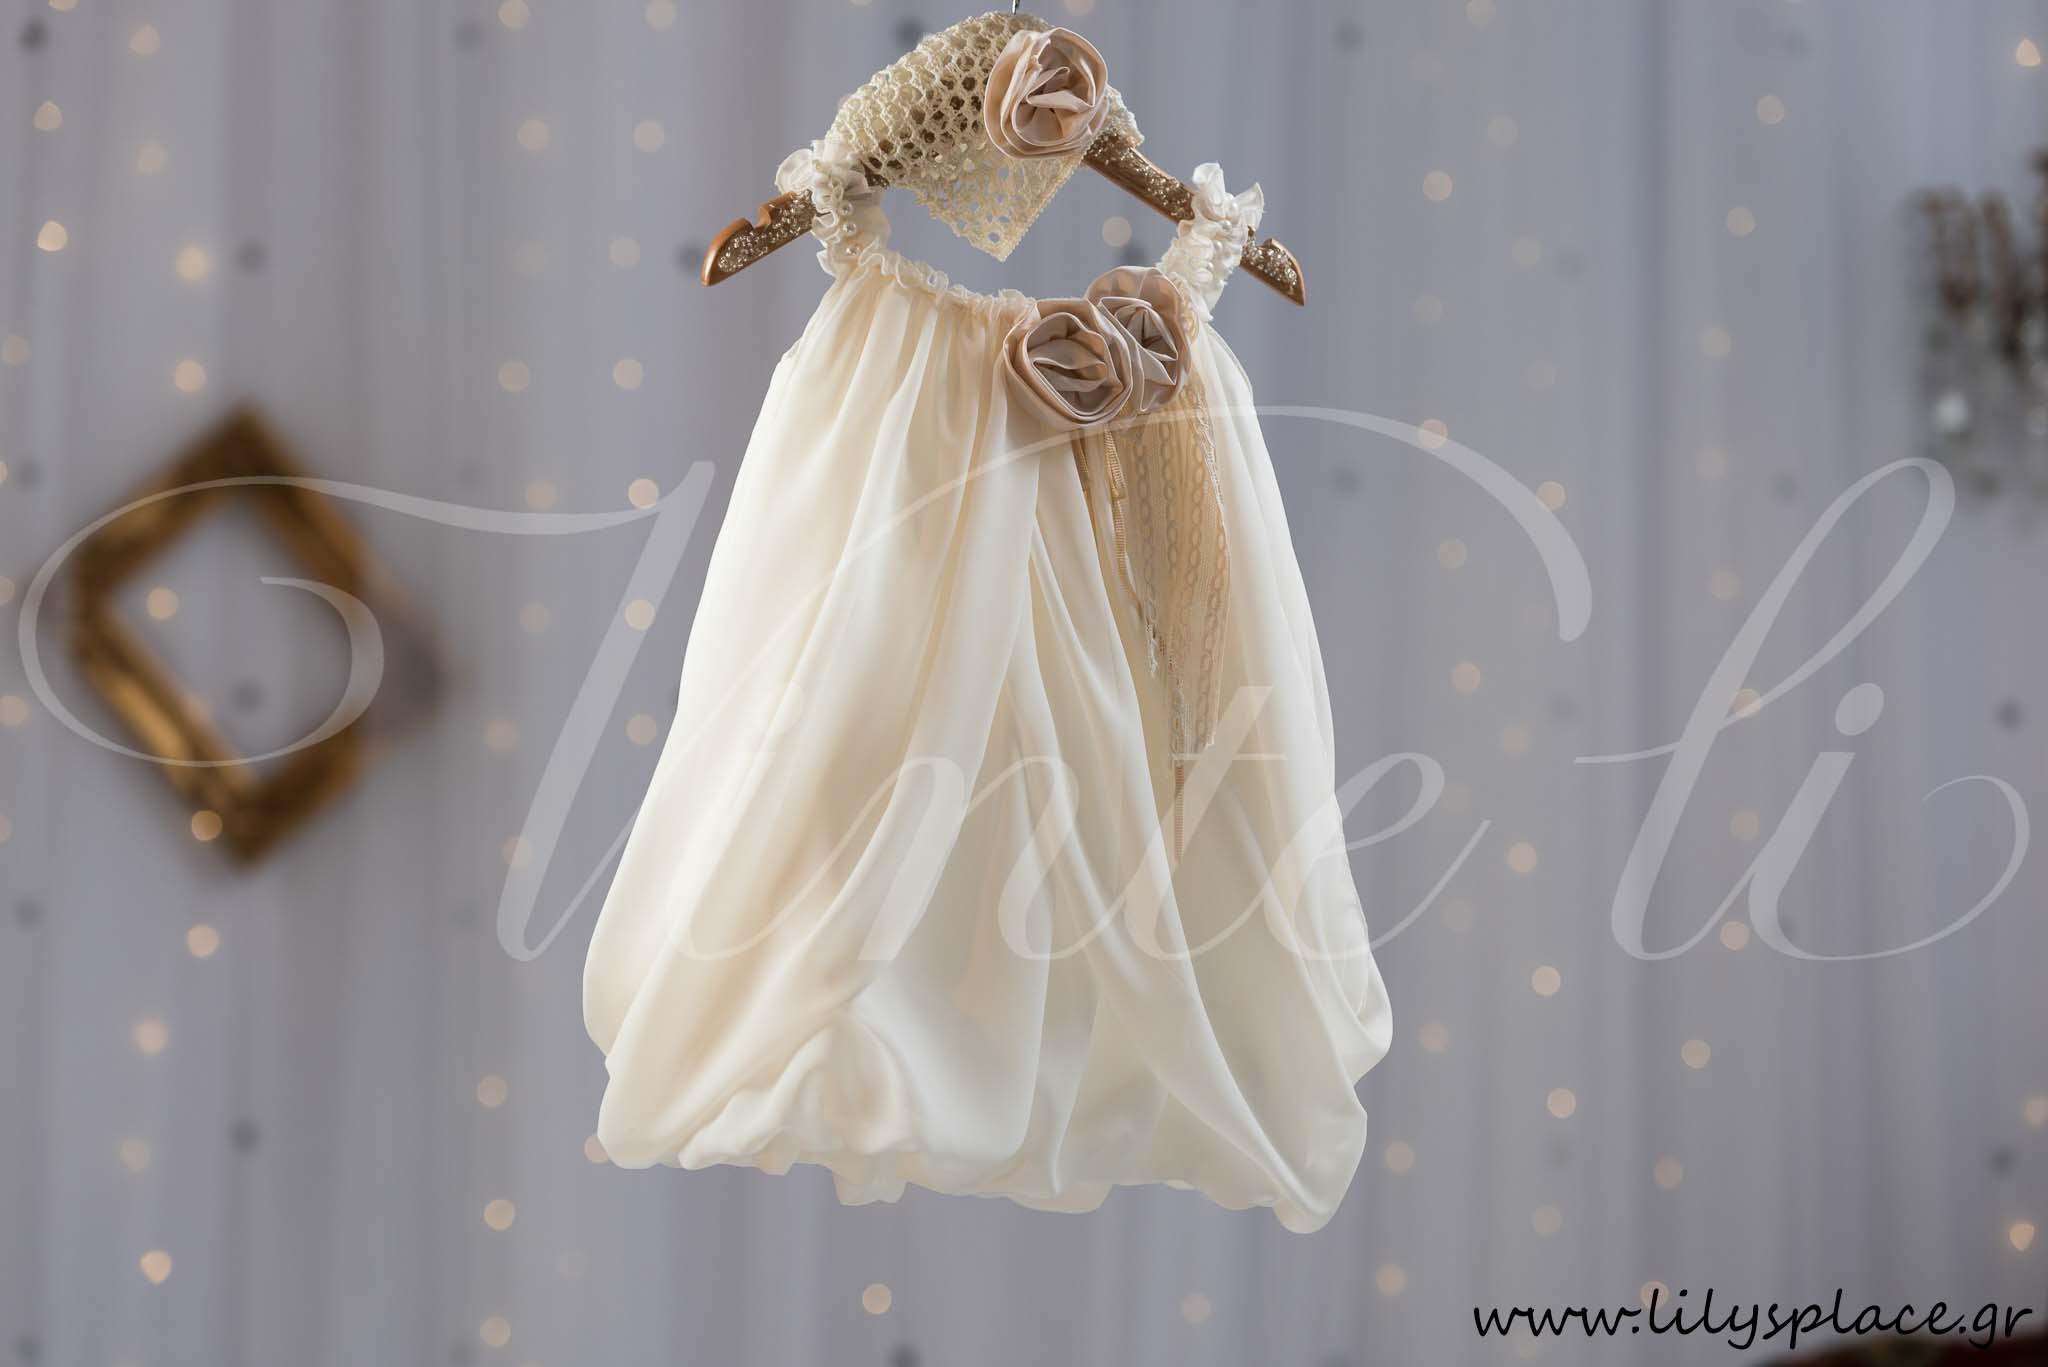 Φόρεμα βάπτισης σε χρώμα εκρού